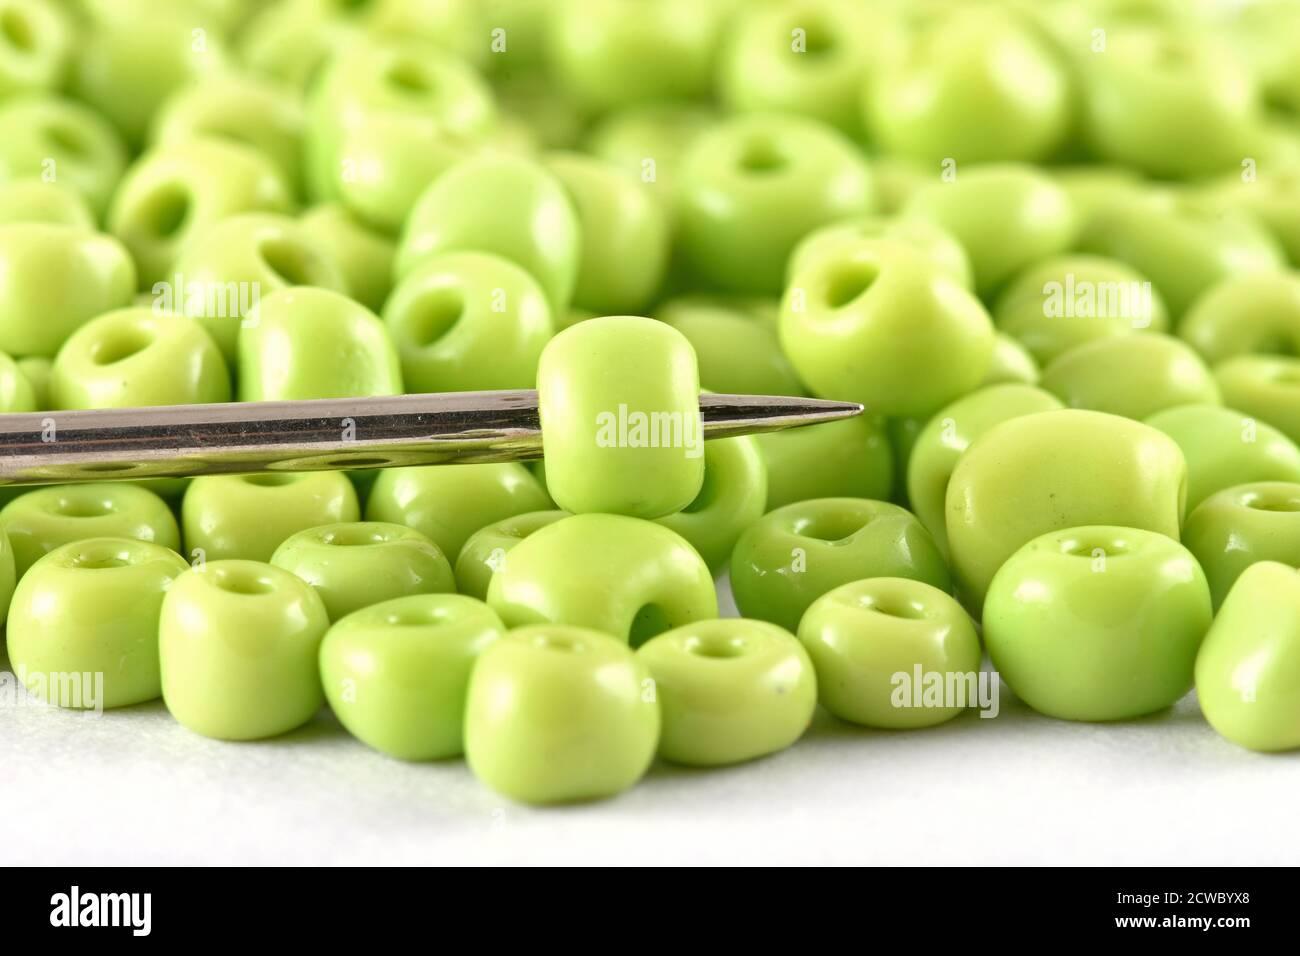 Las perlas se extienden sobre fondo blanco con aguja. Cuentas con aguja . Close up, macro, se utiliza en el acabado de la ropa de moda. Hacer collar de cuentas, cuentas f Foto de stock